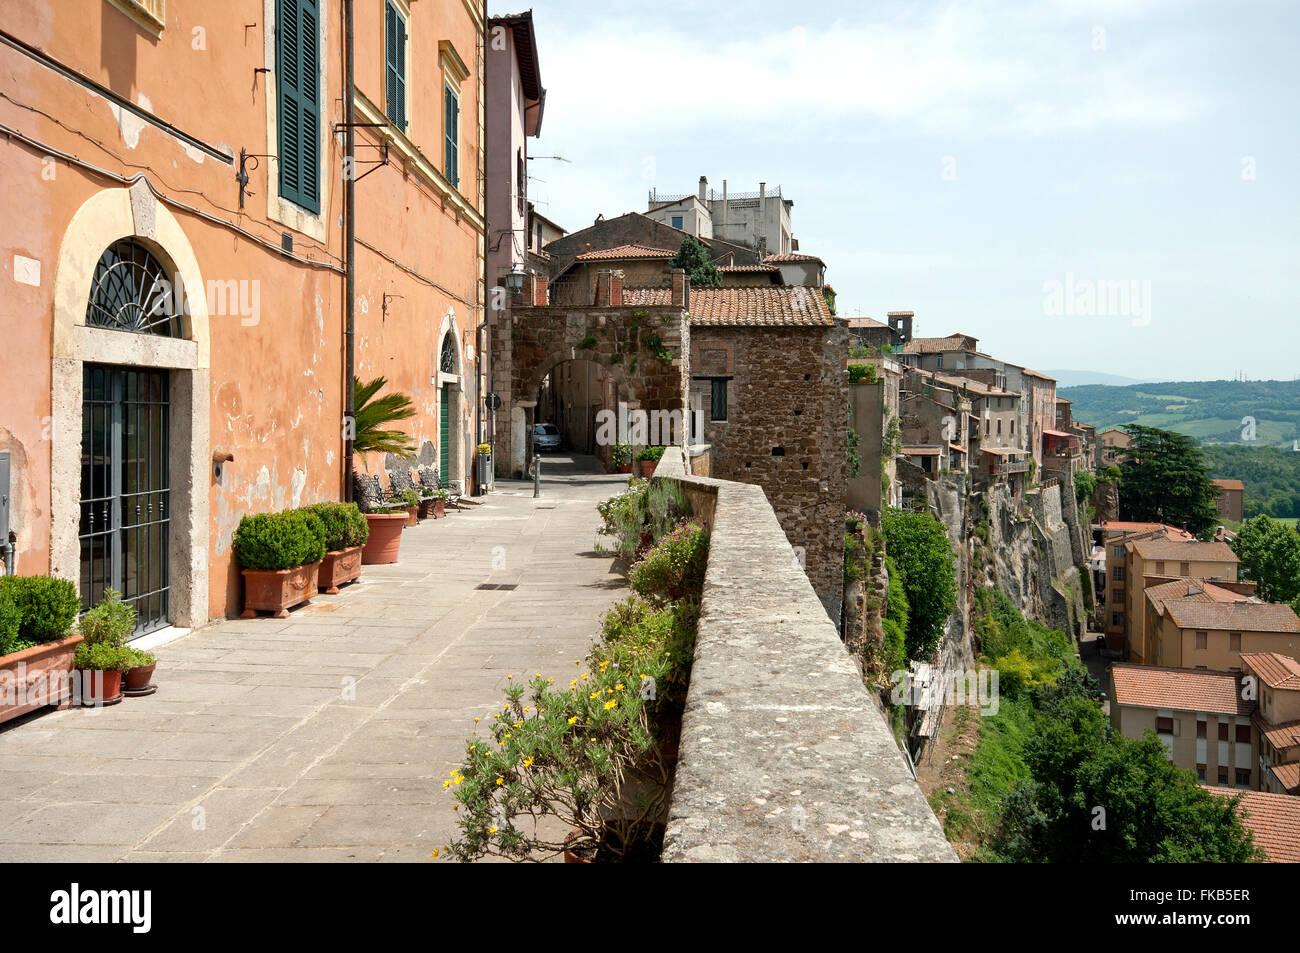 Orte, viewpoint near Porta del Vascellaro, Lazio, Italy - Stock Image